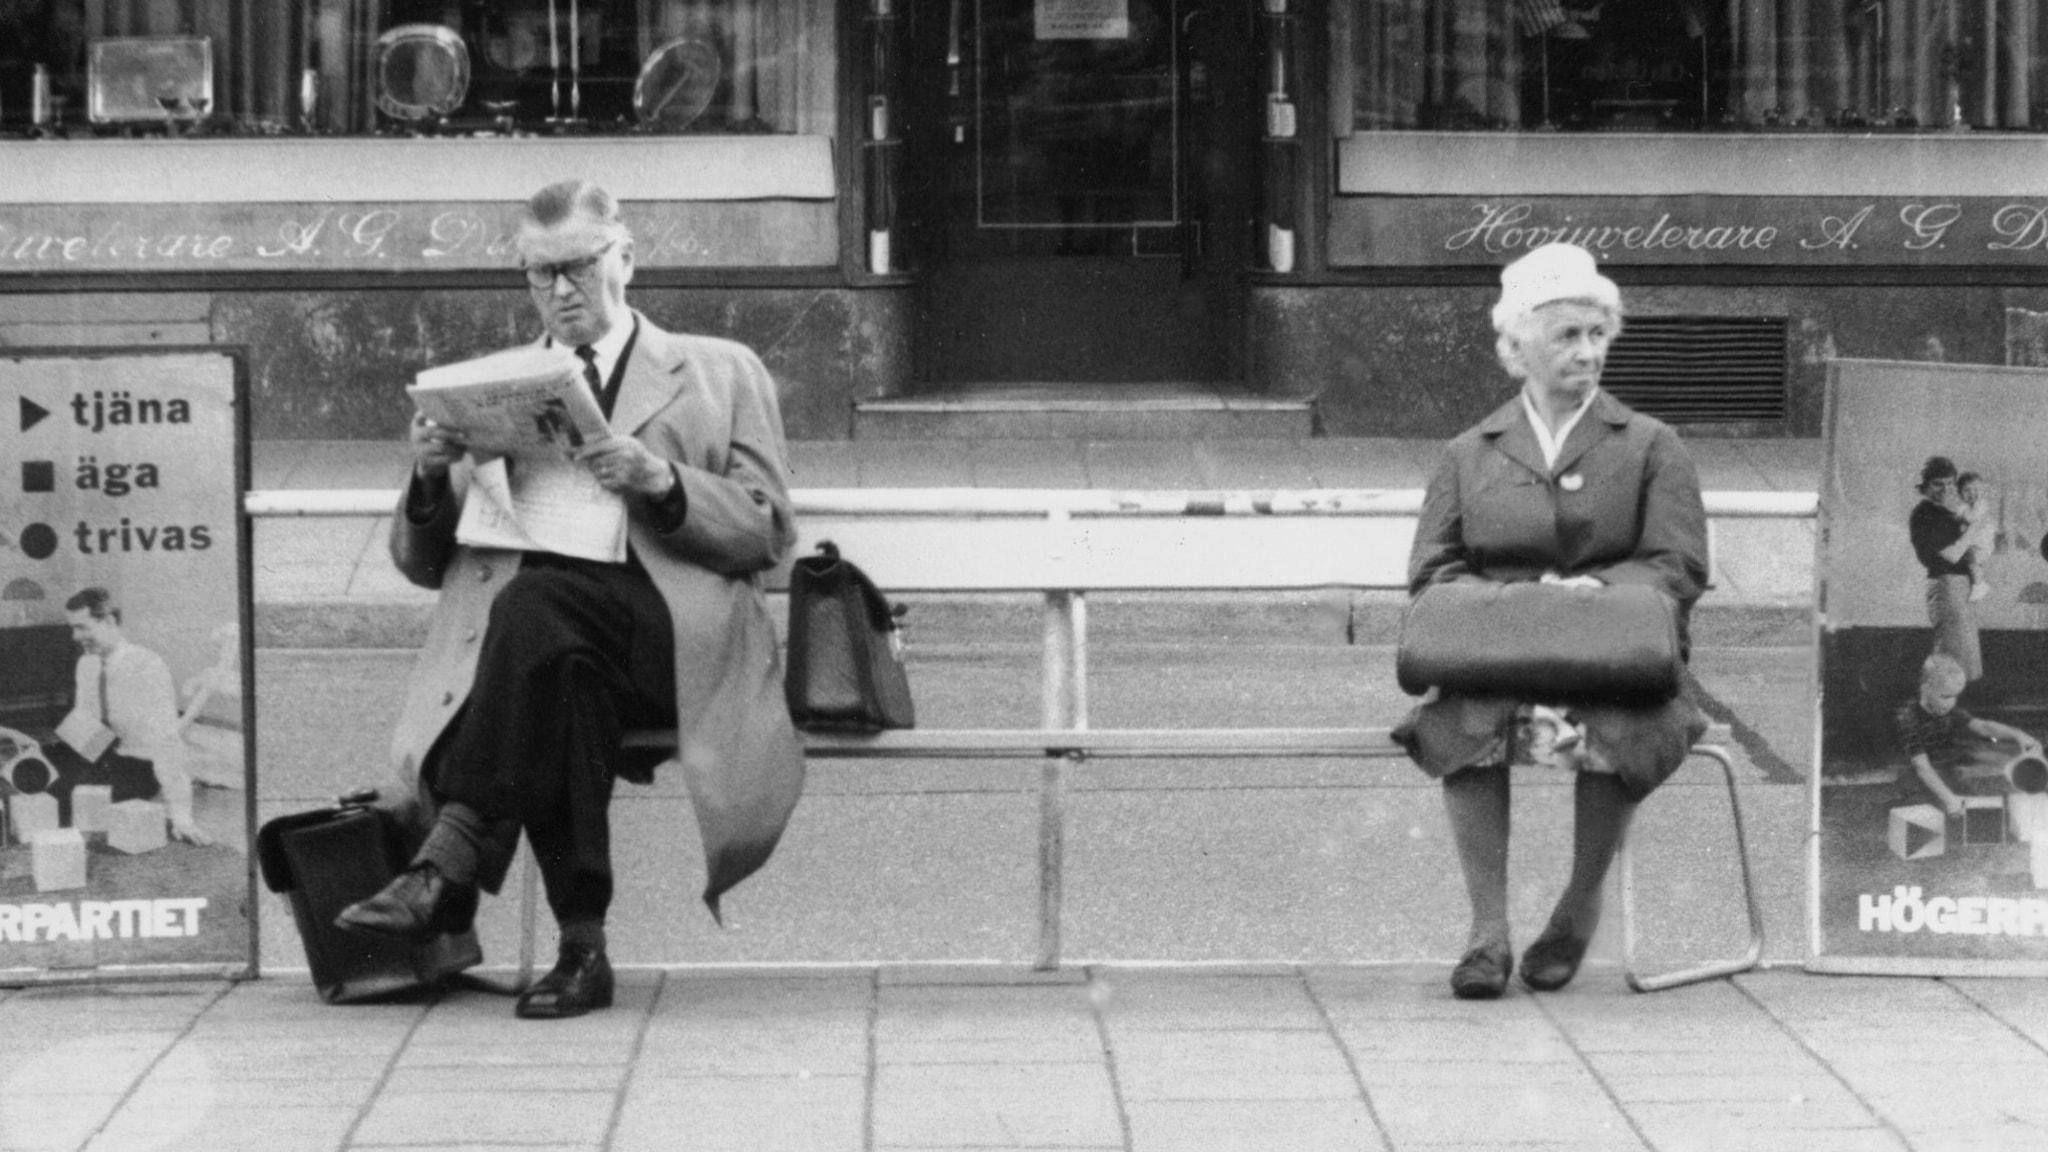 Svartvit arkivbild på två personer som väntar på en bänk.